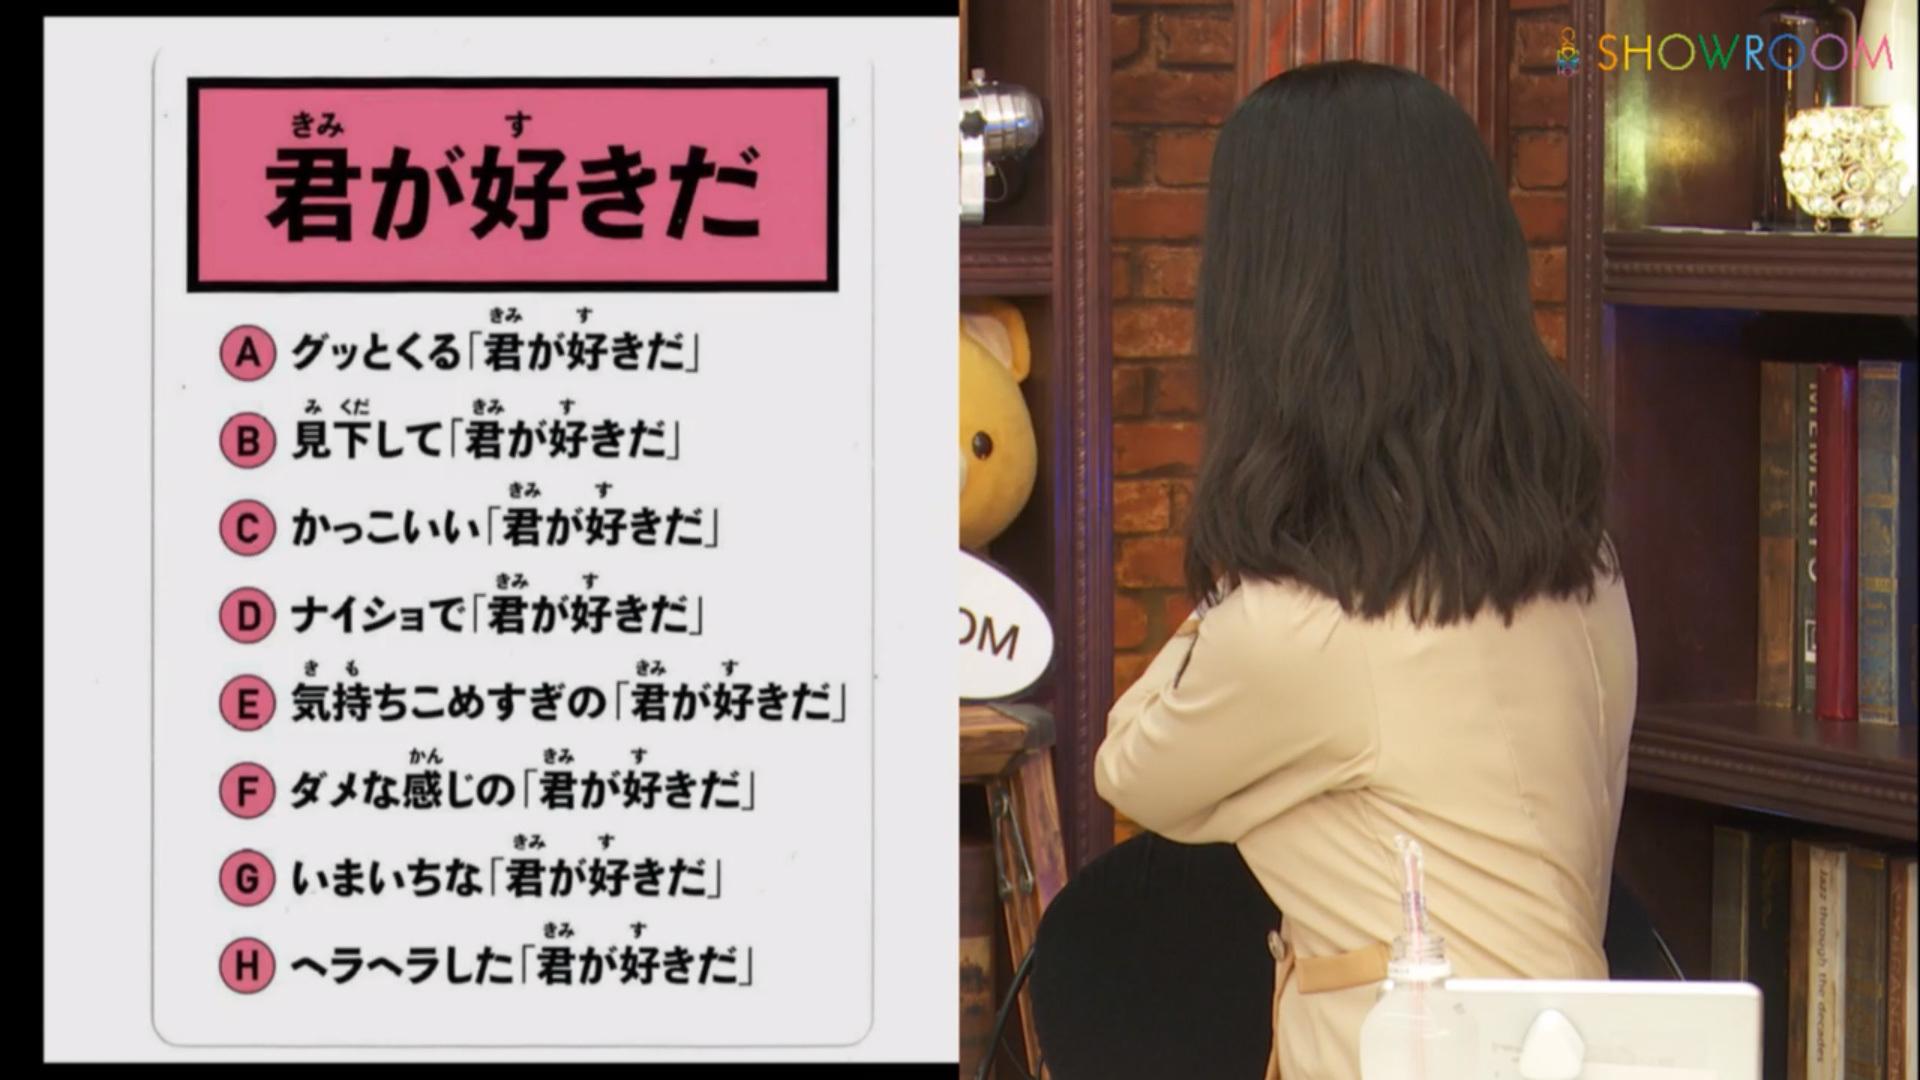 乃木坂46「猫舌SHOWROOM」 北川悠理 筒井あやめ